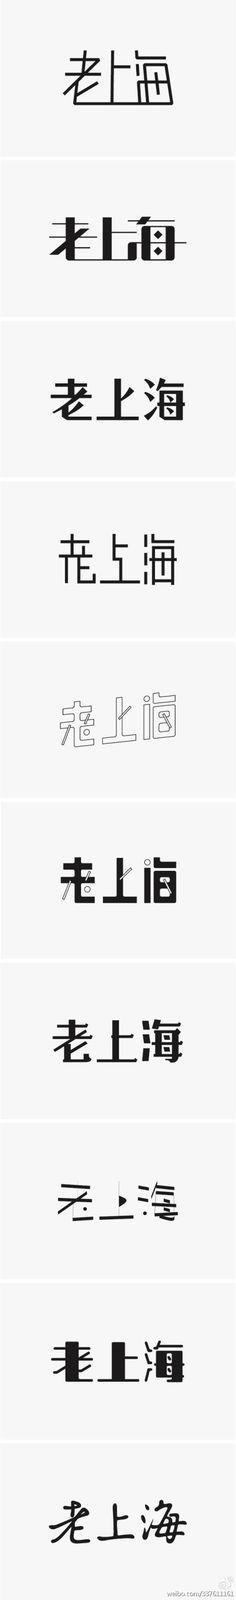 #老上海#